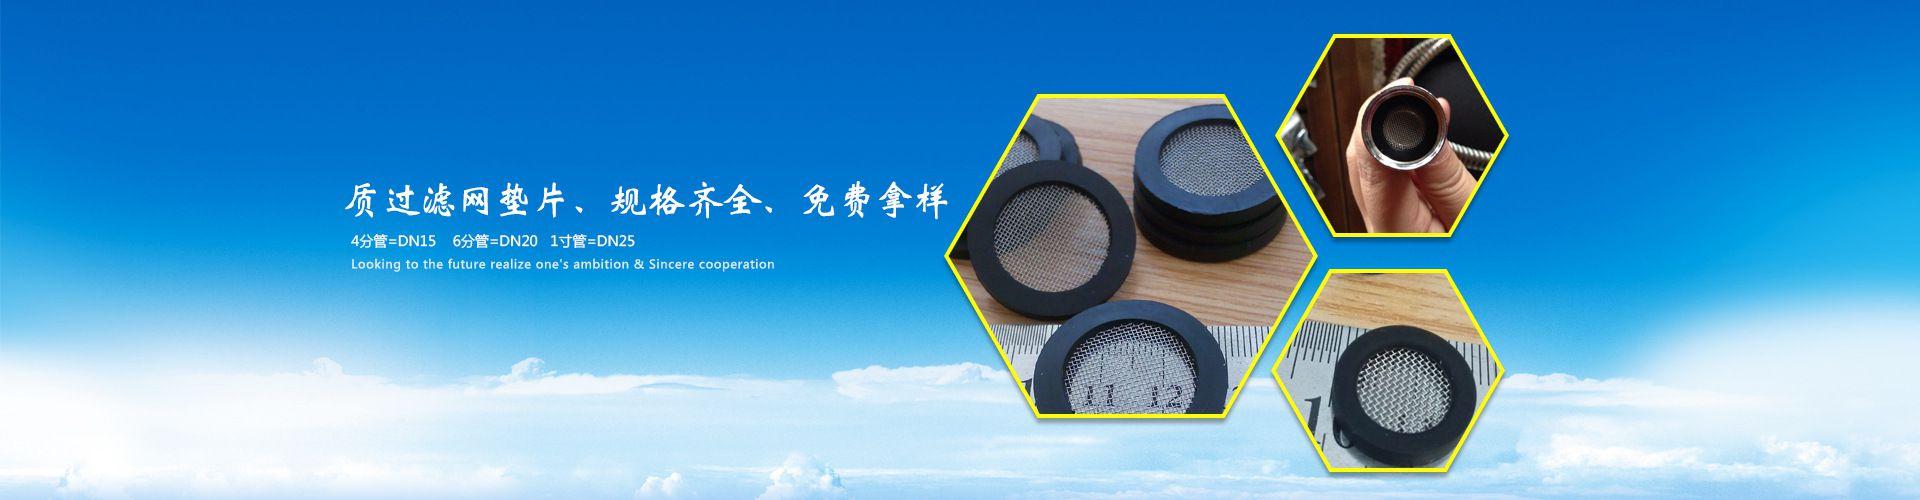 深圳市裕丰硅橡胶制品有限公司